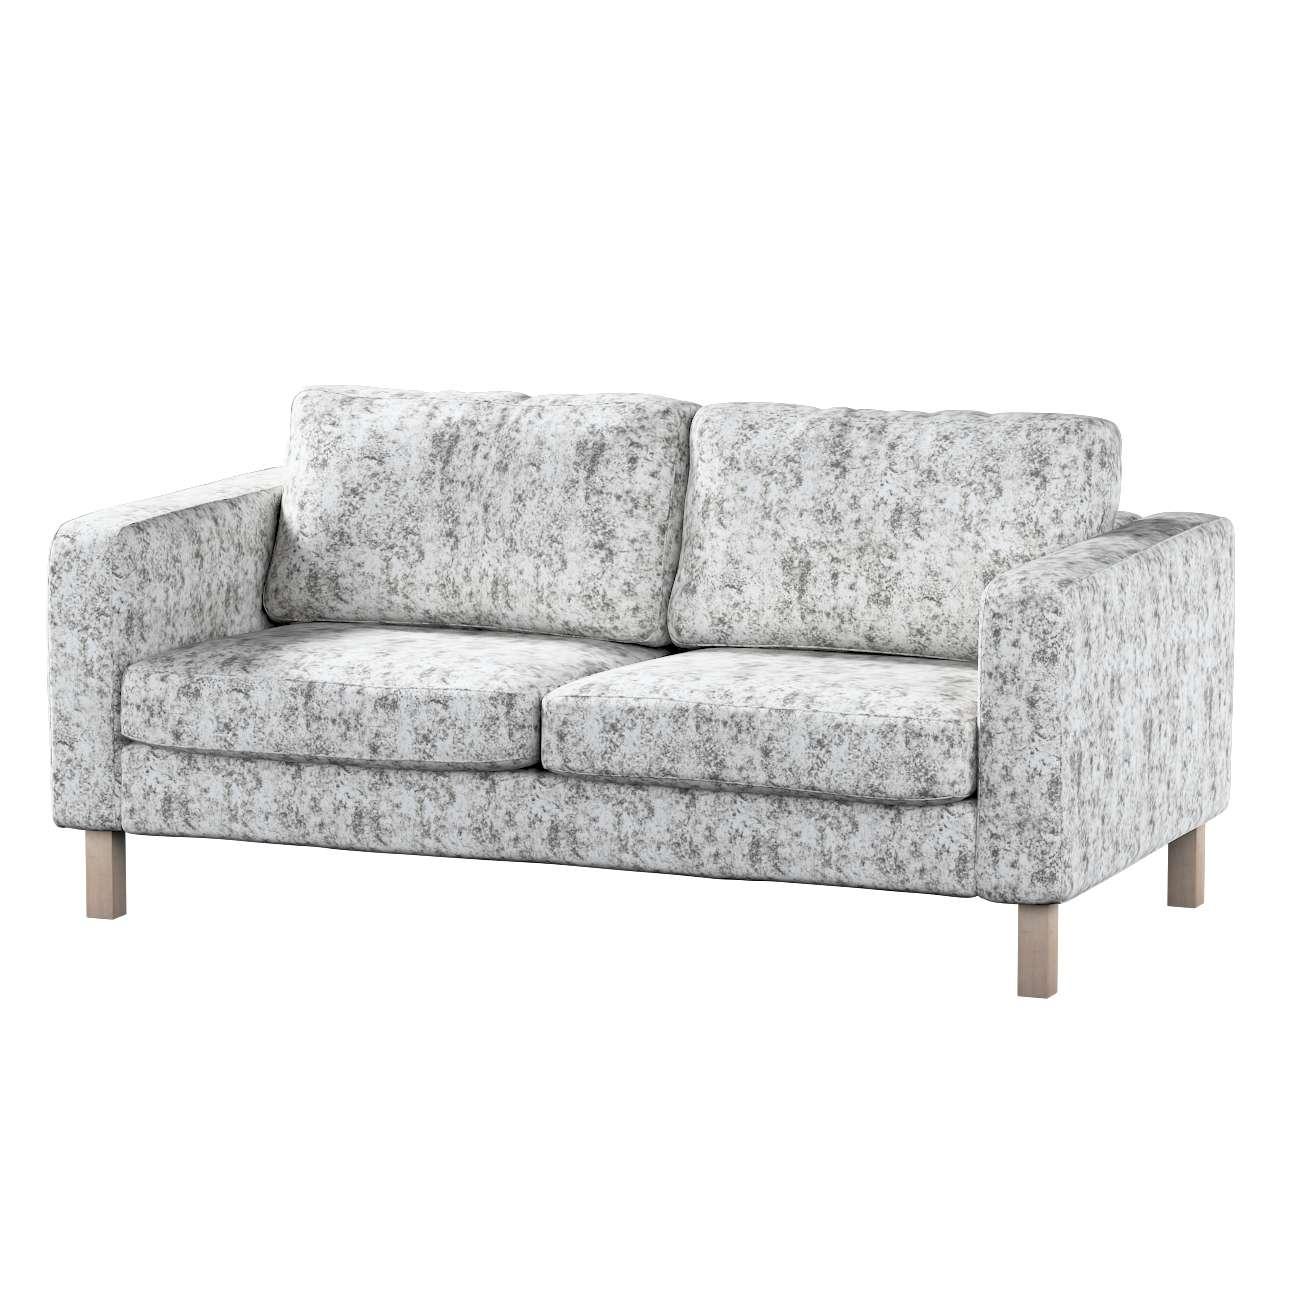 Pokrowiec na sofę Karlstad 2-osobową nierozkładaną krótki w kolekcji Velvet, tkanina: 704-49